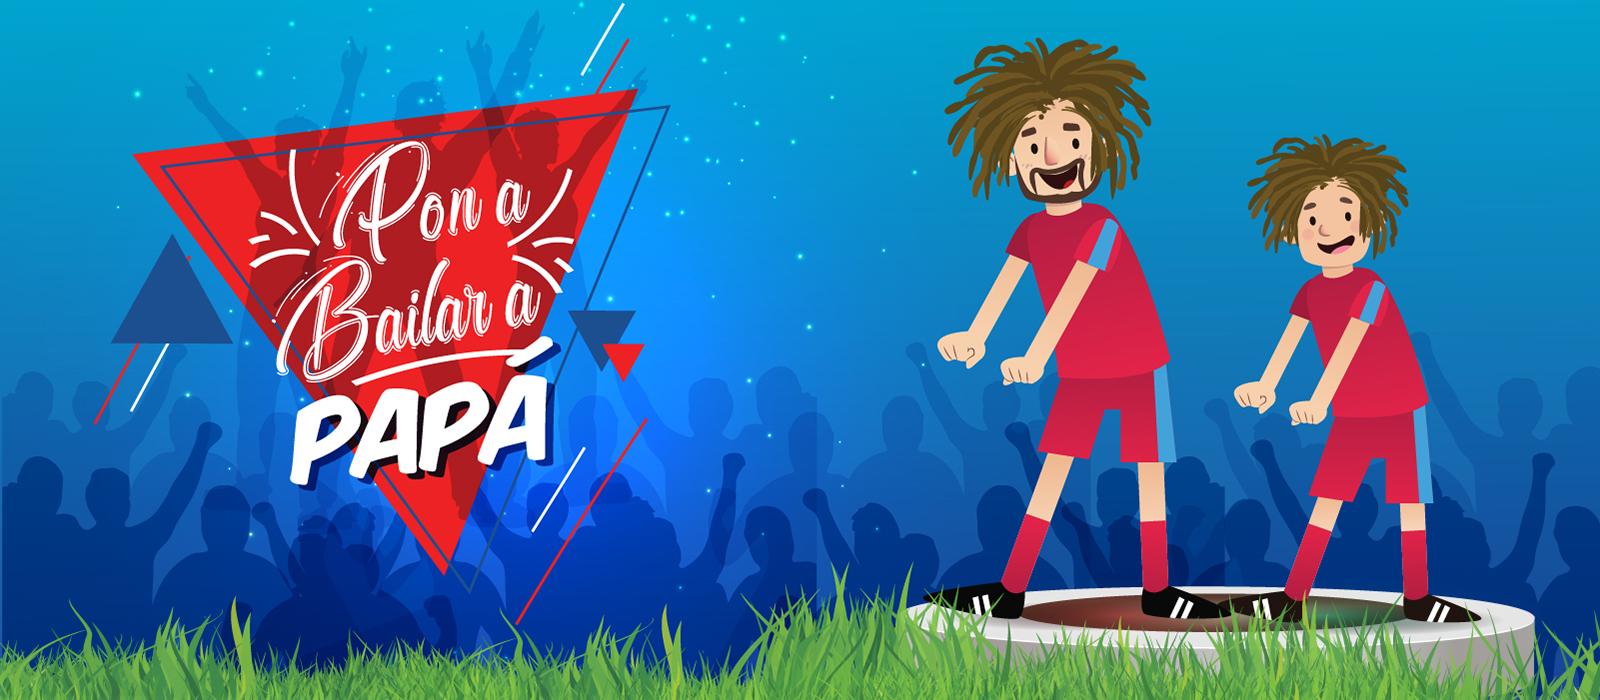 Concurso: Pon a bailar a Papá